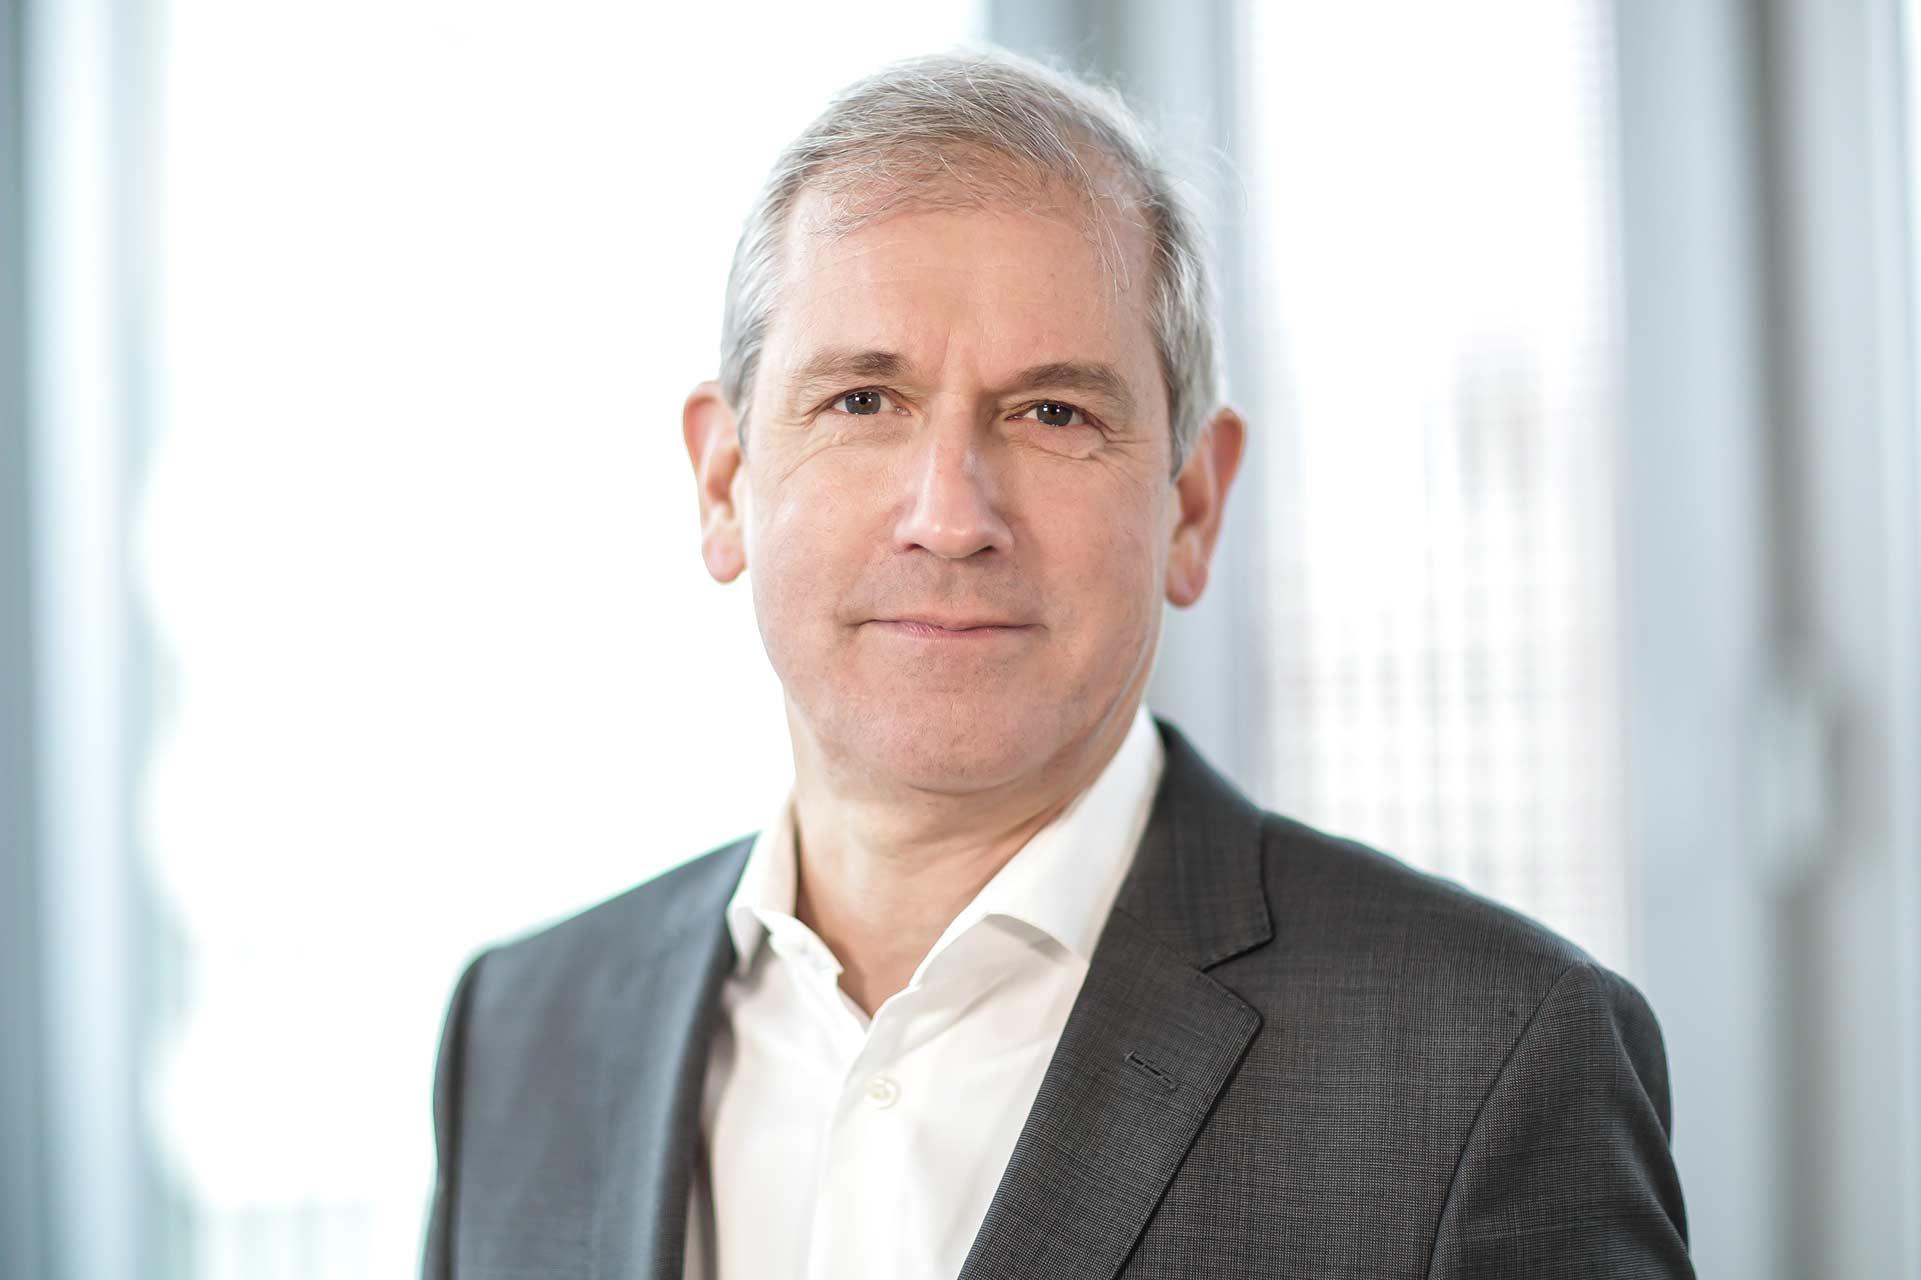 Prof. Dr. Jens Scholz